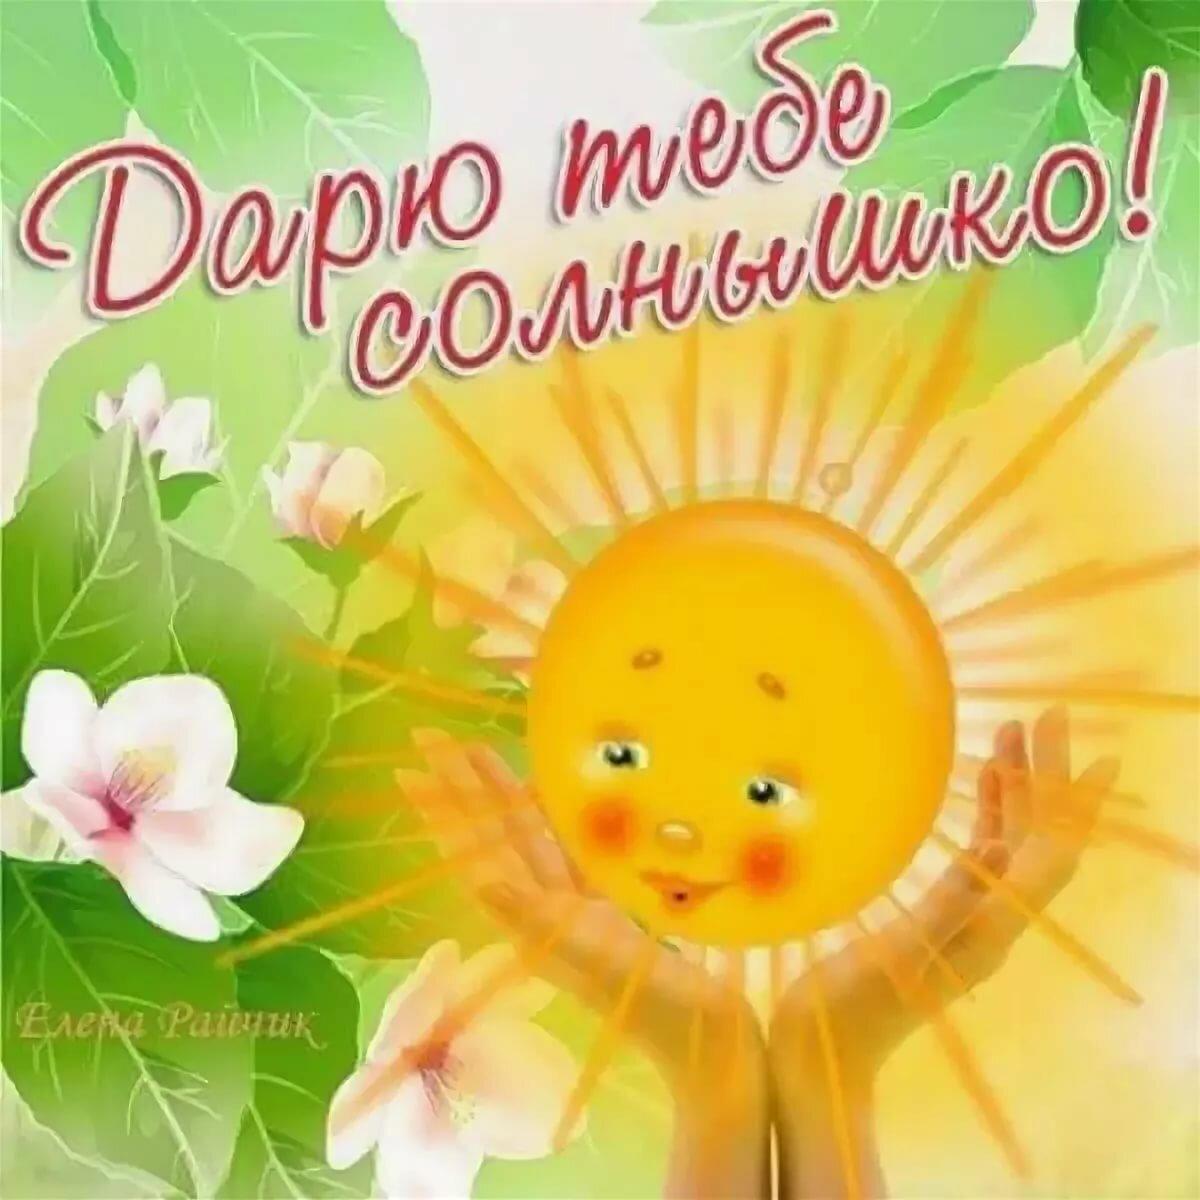 Солнышка в душе картинки красивые, днем рождения бухгалтеру